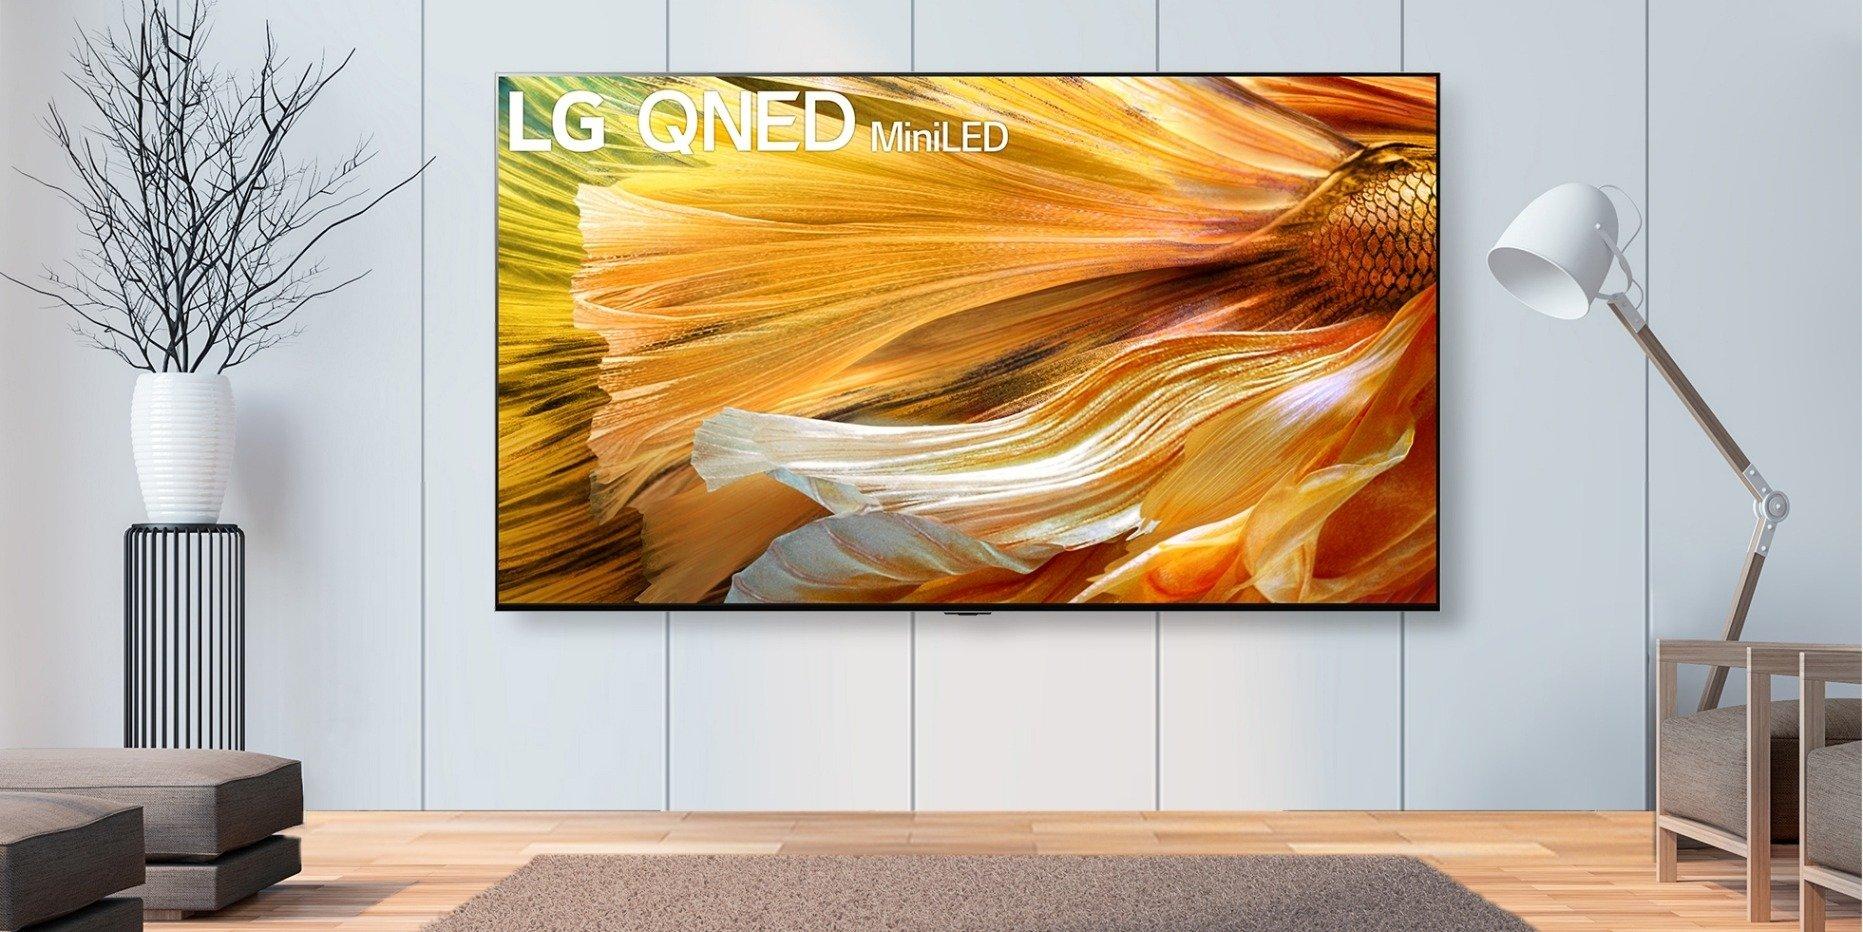 Wprowadzane na całym świecie telewizory LG QNED MiniLED ustanawiają nowy standard jakości obrazu wyświetlanego na ekranie LCD